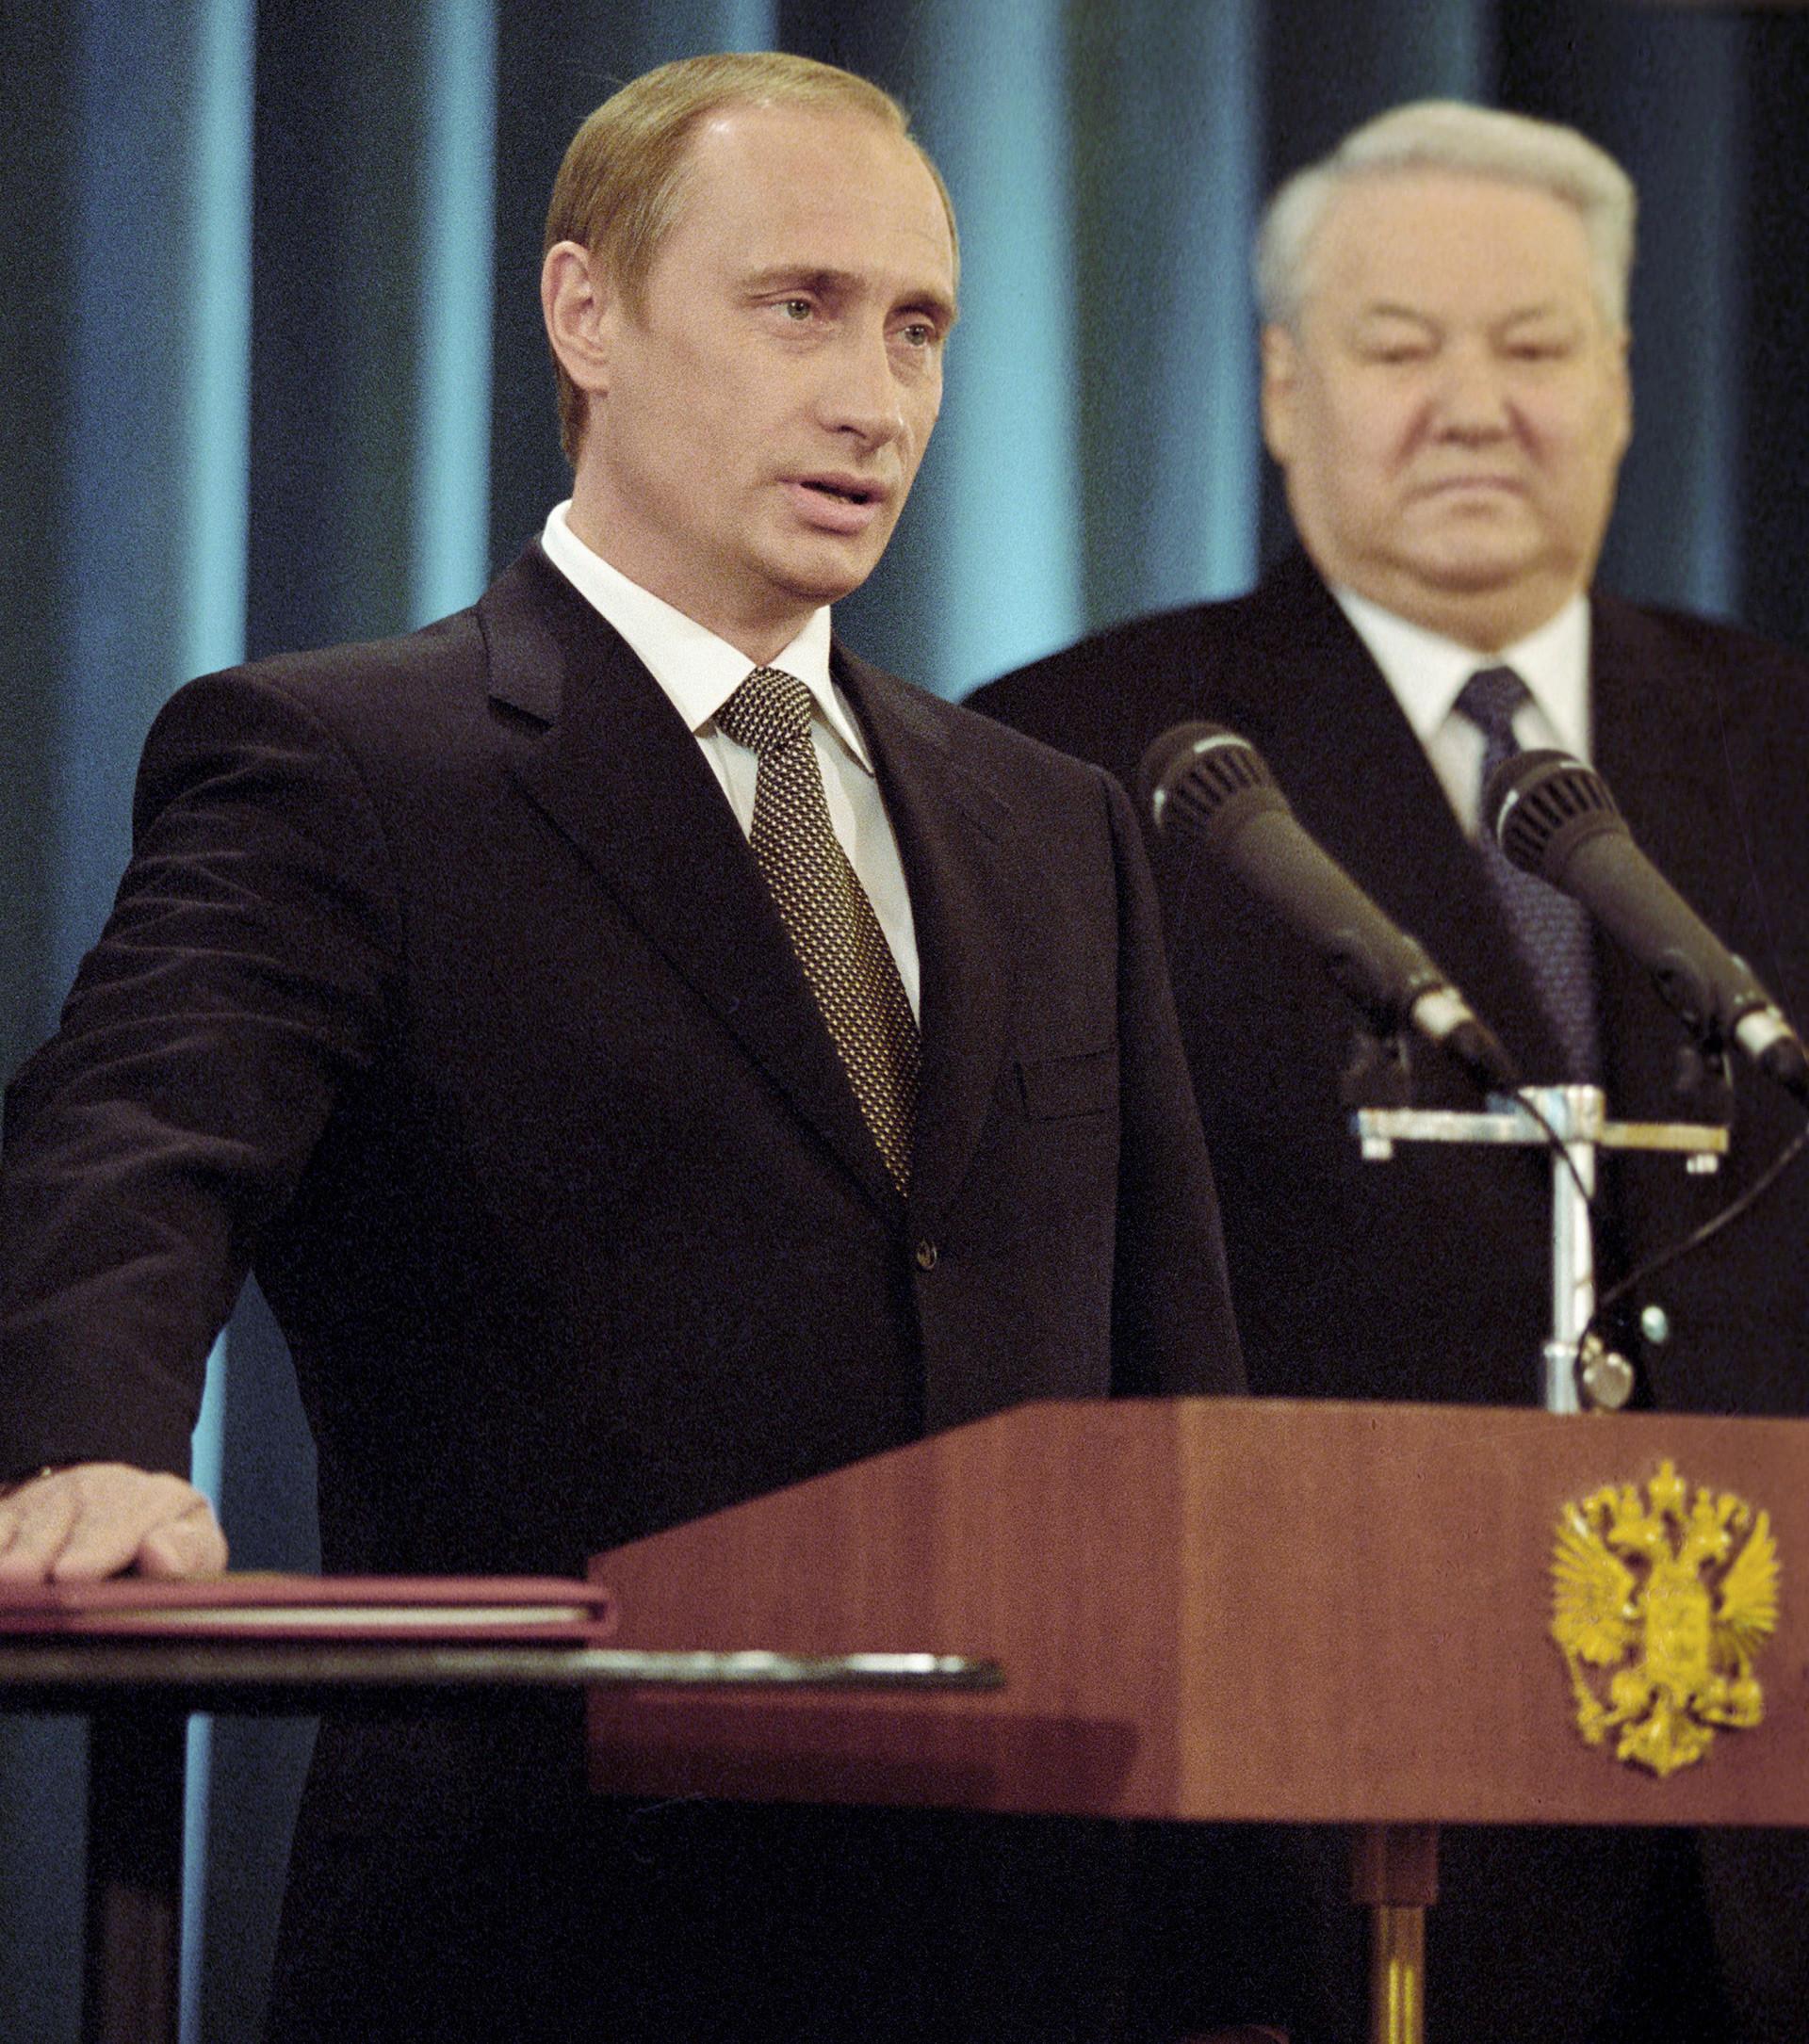 Владимир Путин поема длъжността президент на Руската федерация, отдясно досегашният президент Борис Елцин